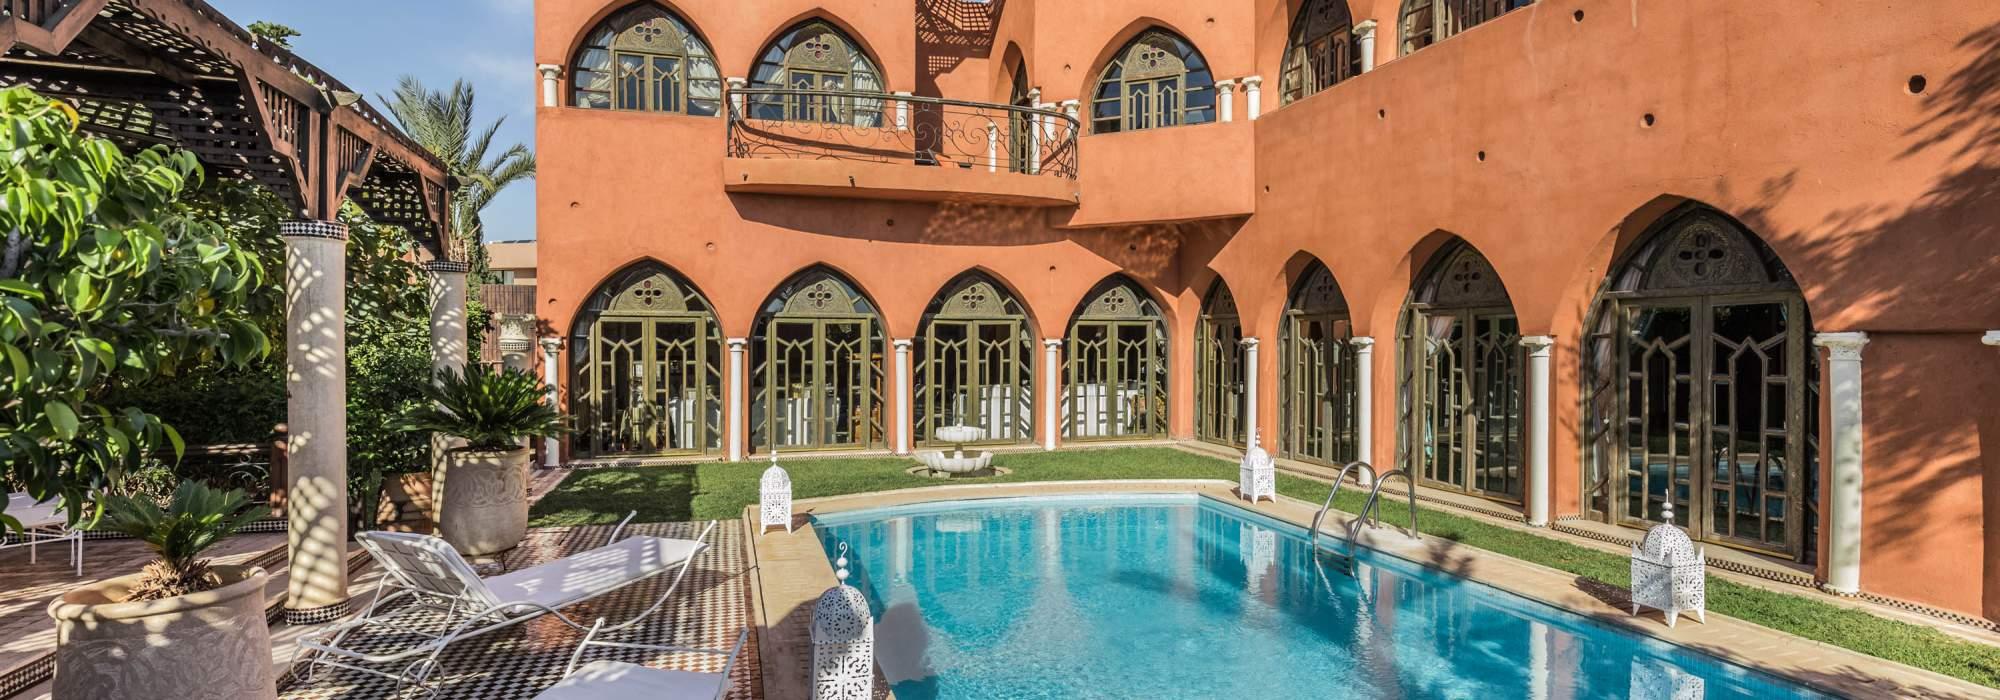 Belle villa à vendre  sur le Golf d'Amelkis  Marrakech